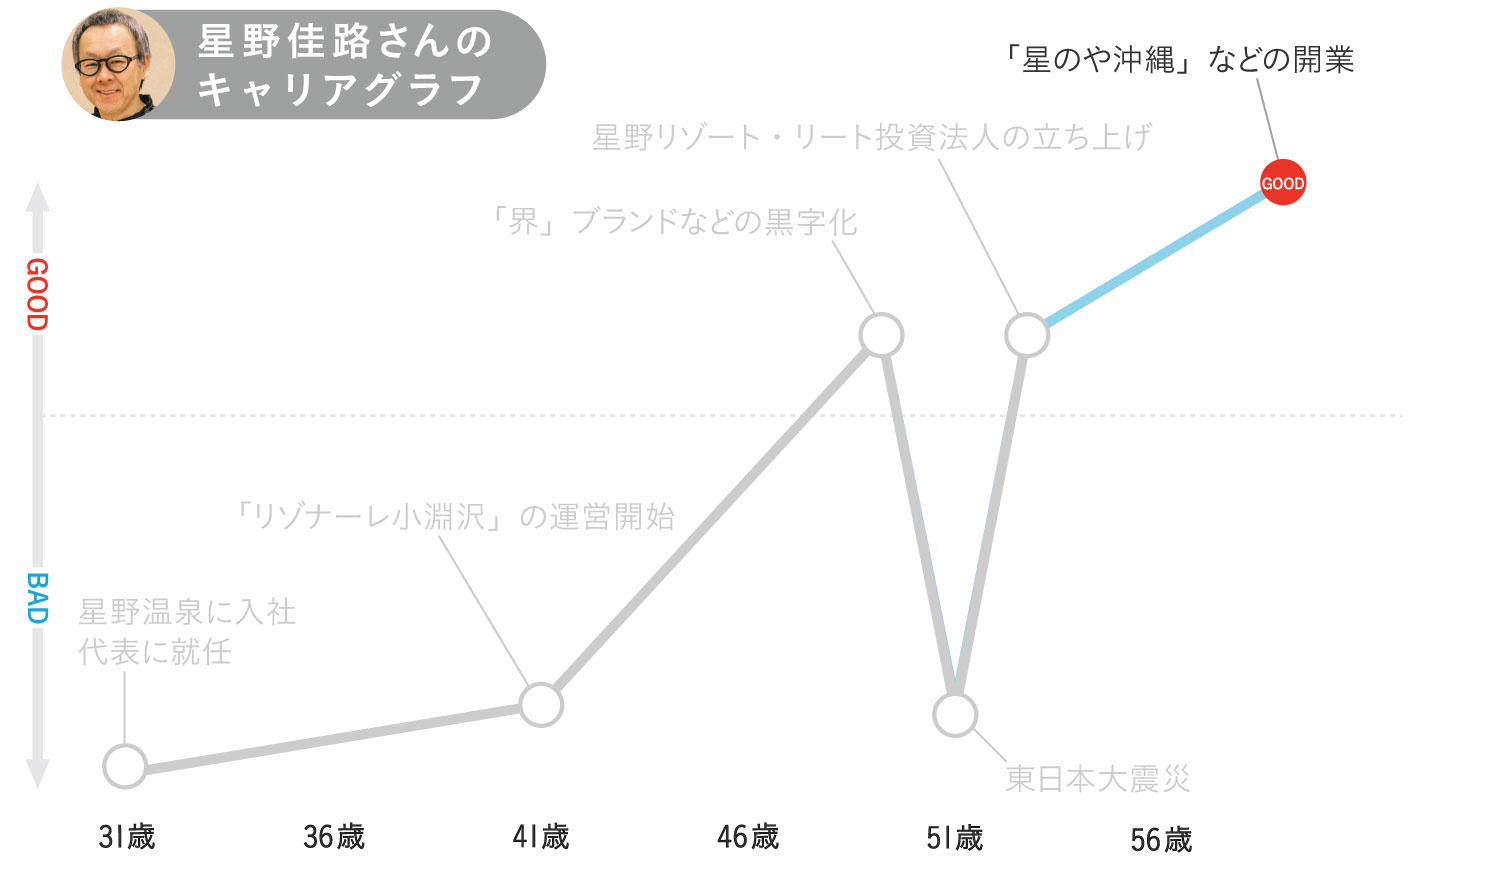 星野佳路さんのキャリアグラフ6